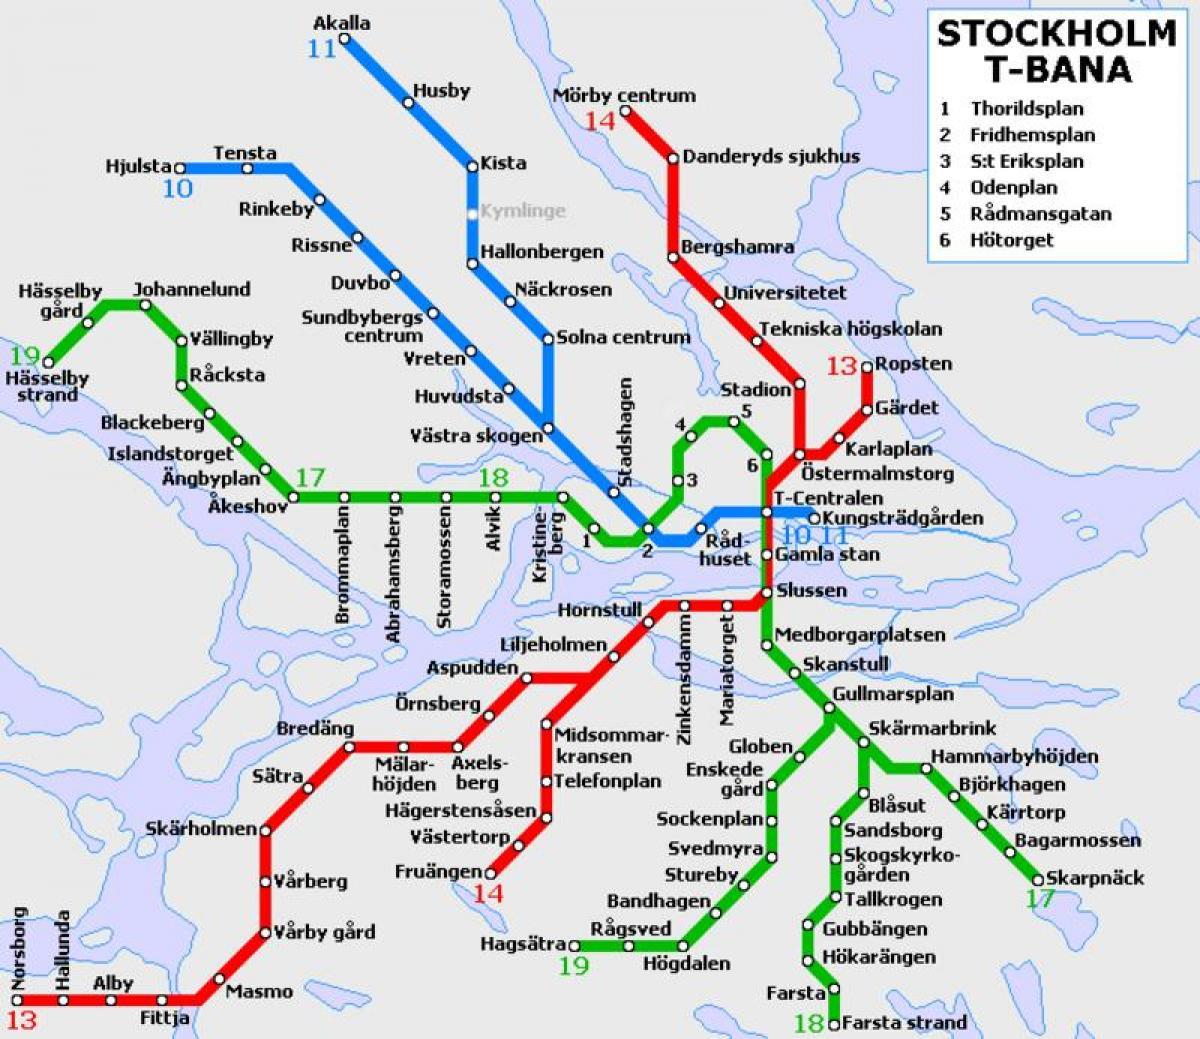 bana térkép Stockholm t bana térkép   Stockholm t bahn térkép (Södermanland